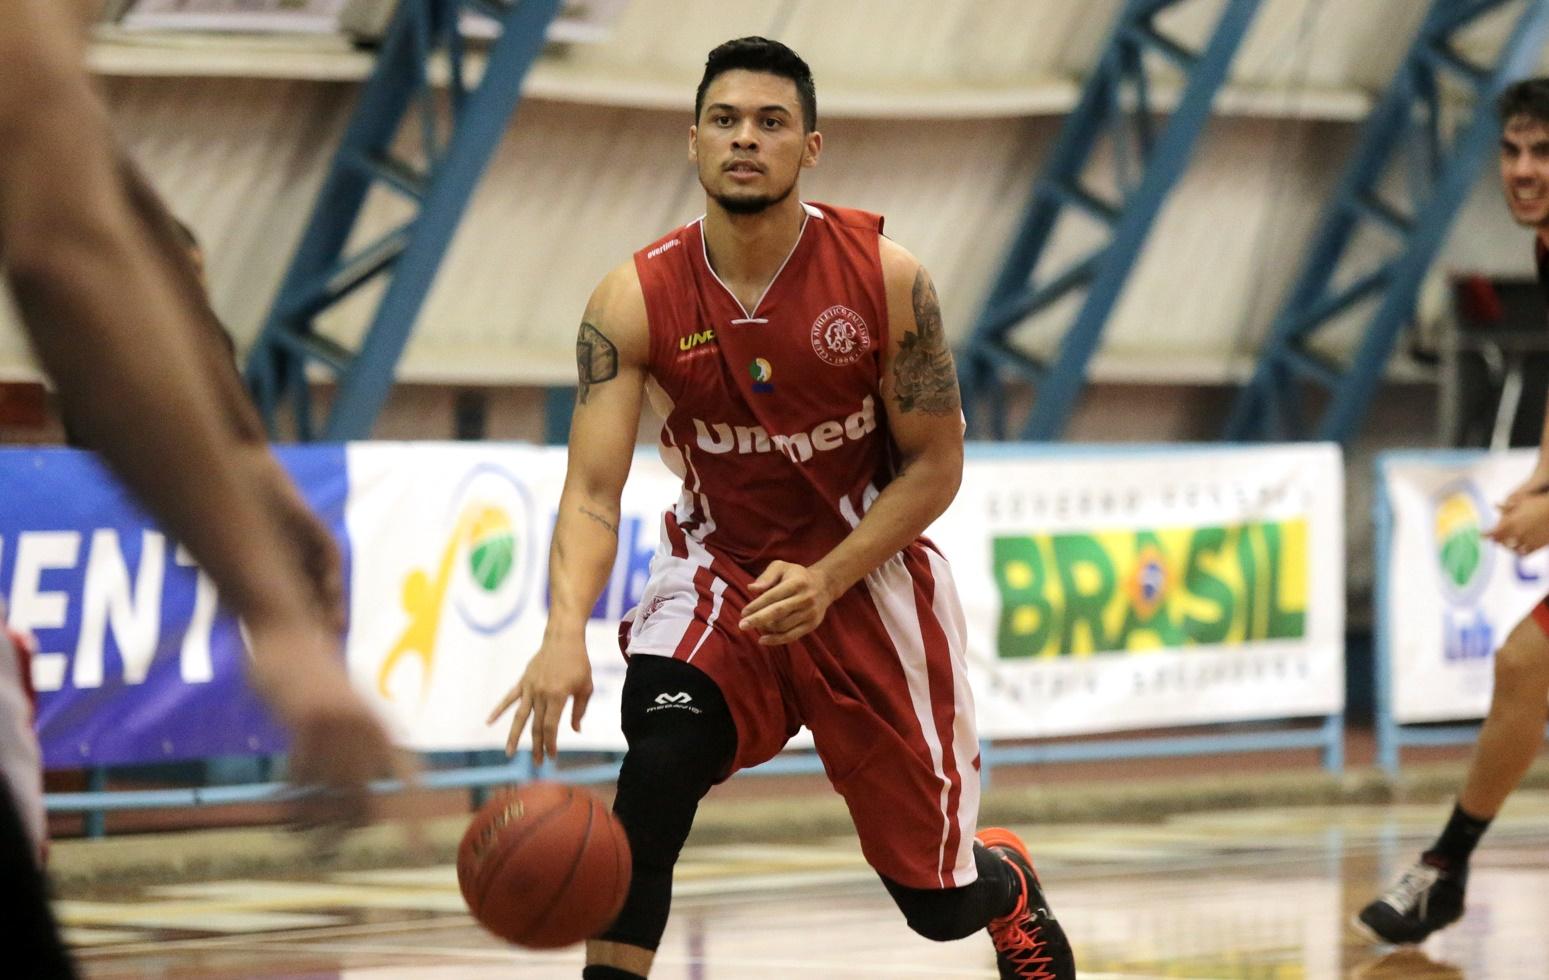 Com vitória nos quatro períodos, o Paulistano, do armador Arthur Pecos, venceu o Basquete Curitiba e fechou a 2ª etapa da LDB 2015 com vitória em todos os quatro jogos que disputou (João Neto/LNB)